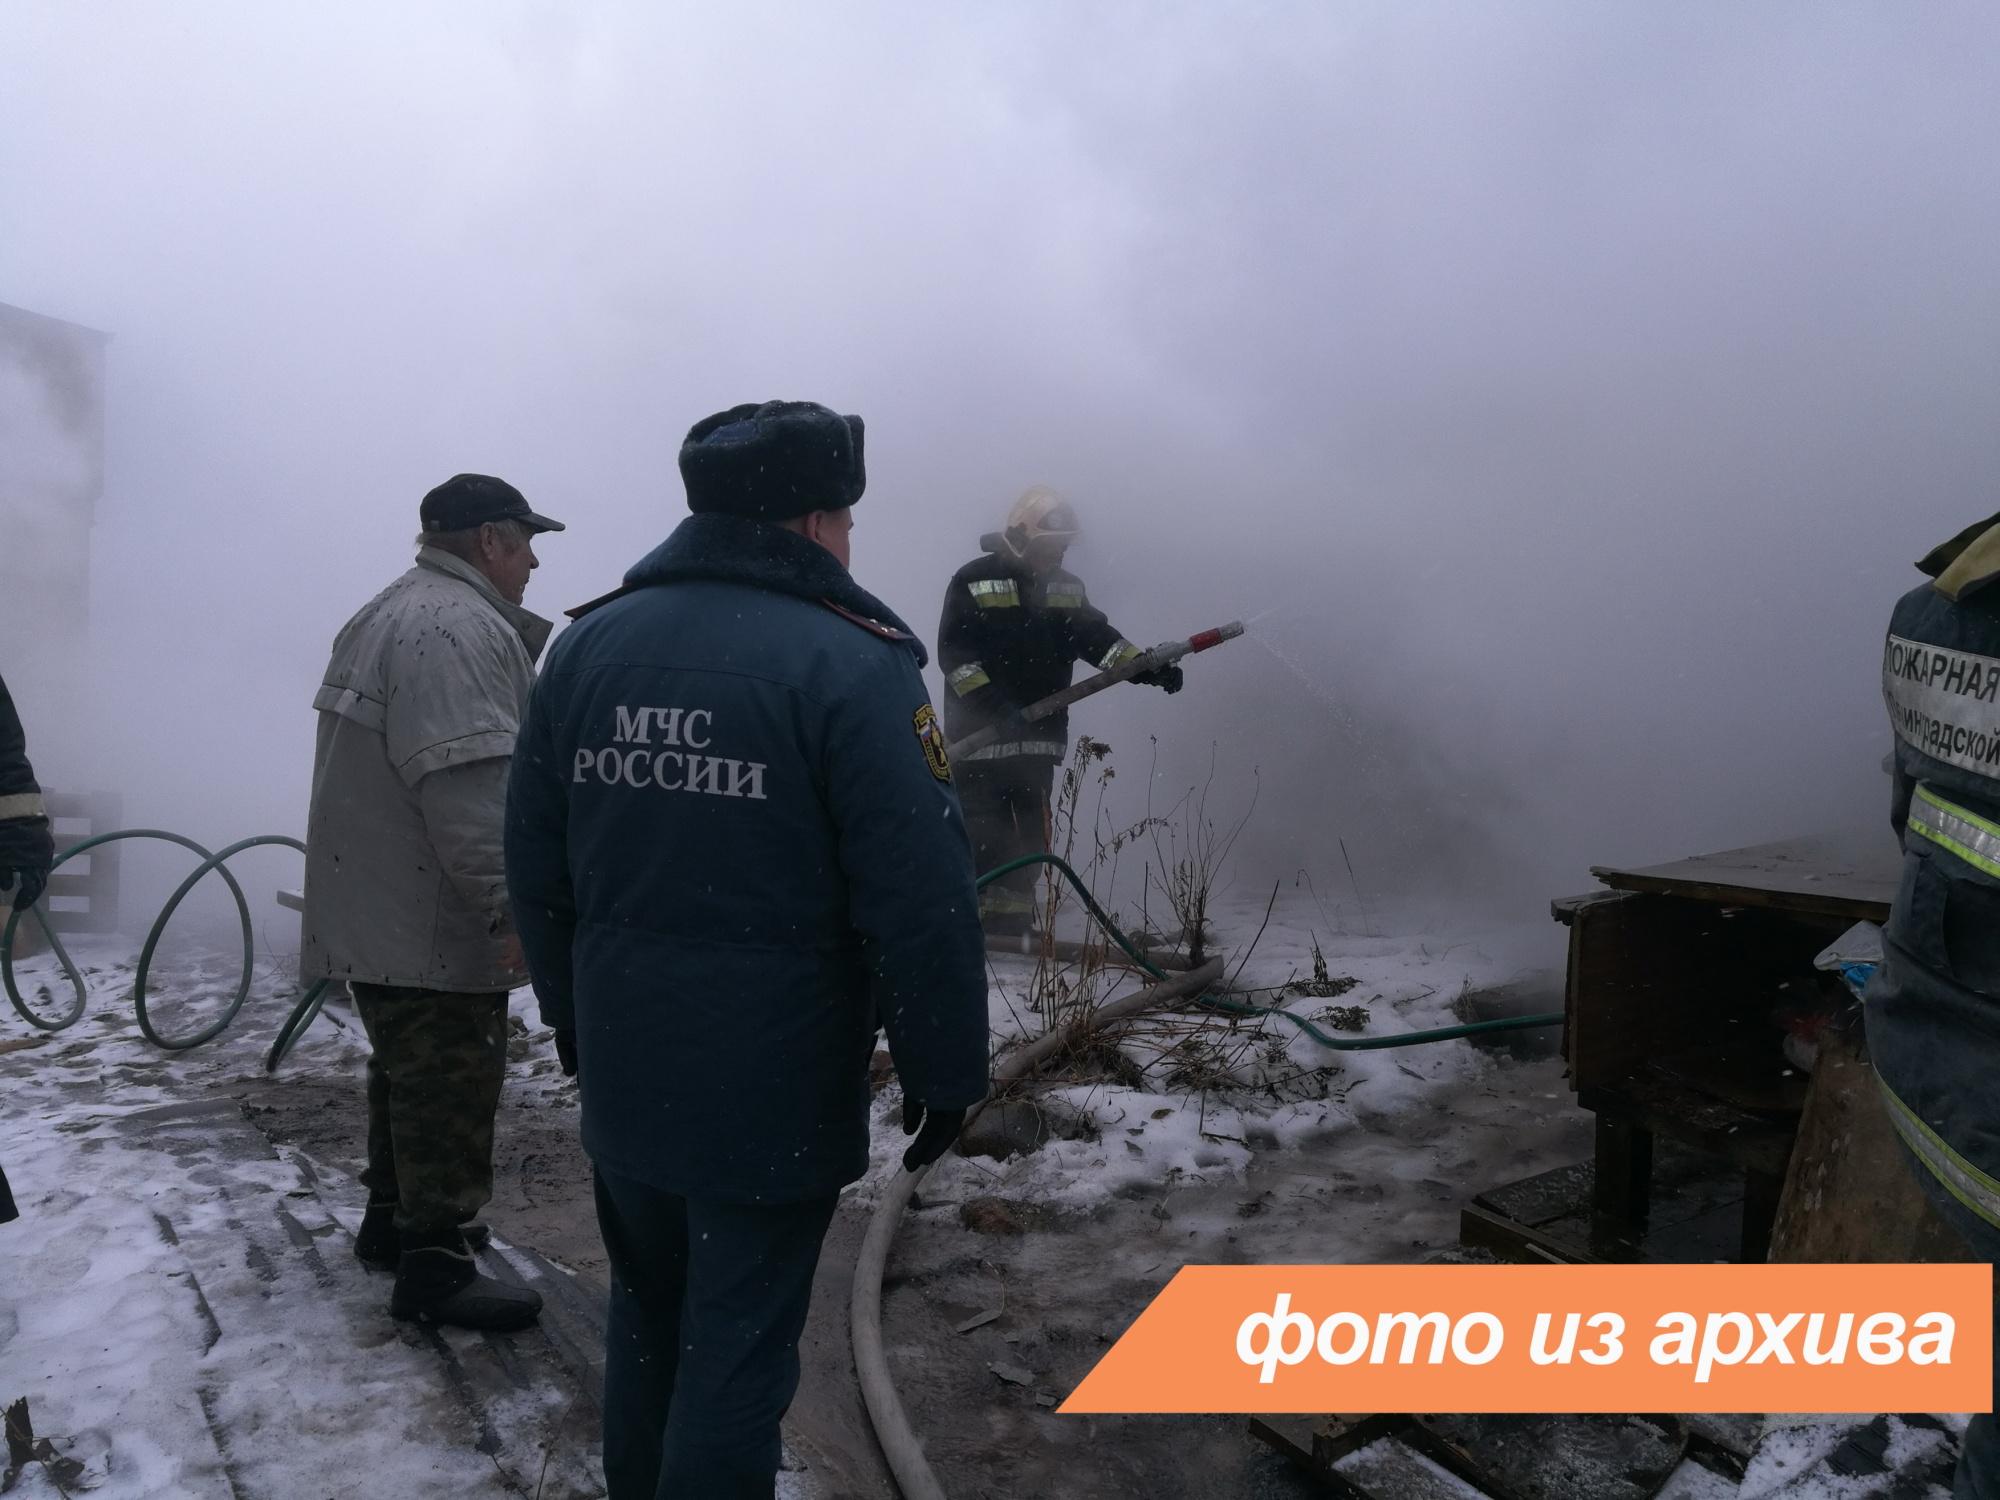 Пожарно-спасательное подразделение Ленинградской области ликвидировало пожар в Выборгском районе